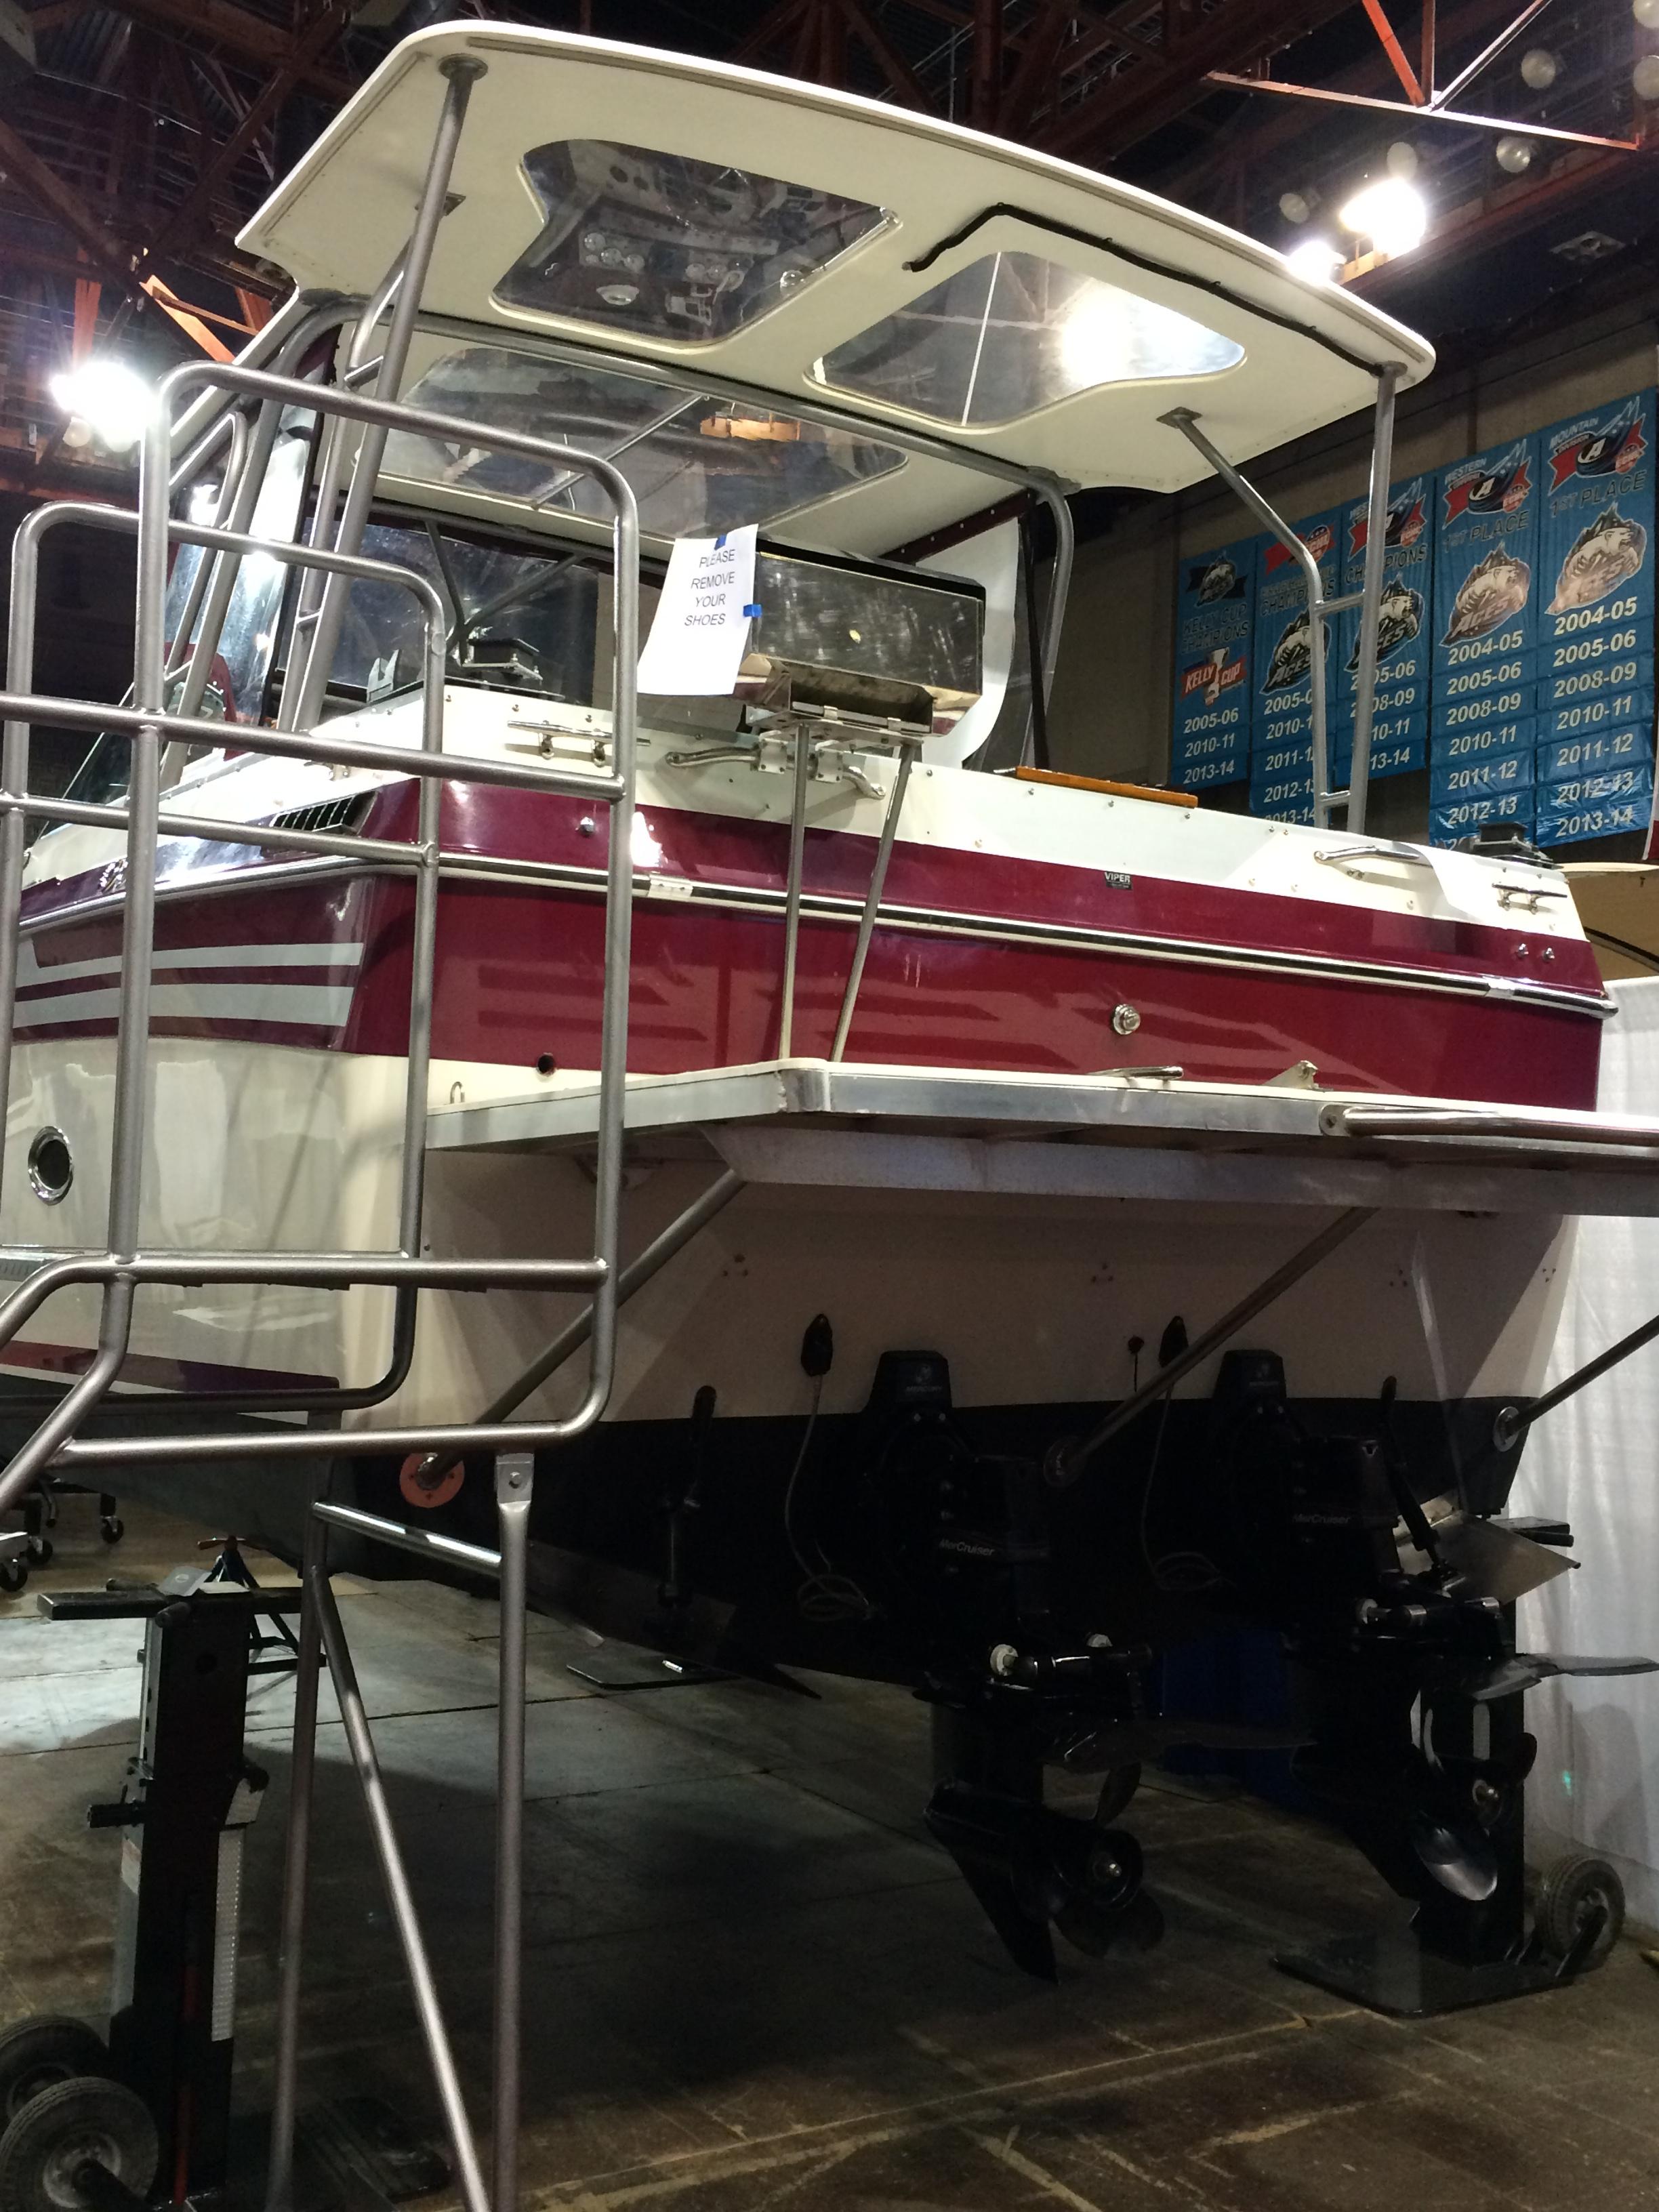 Boat Image 24